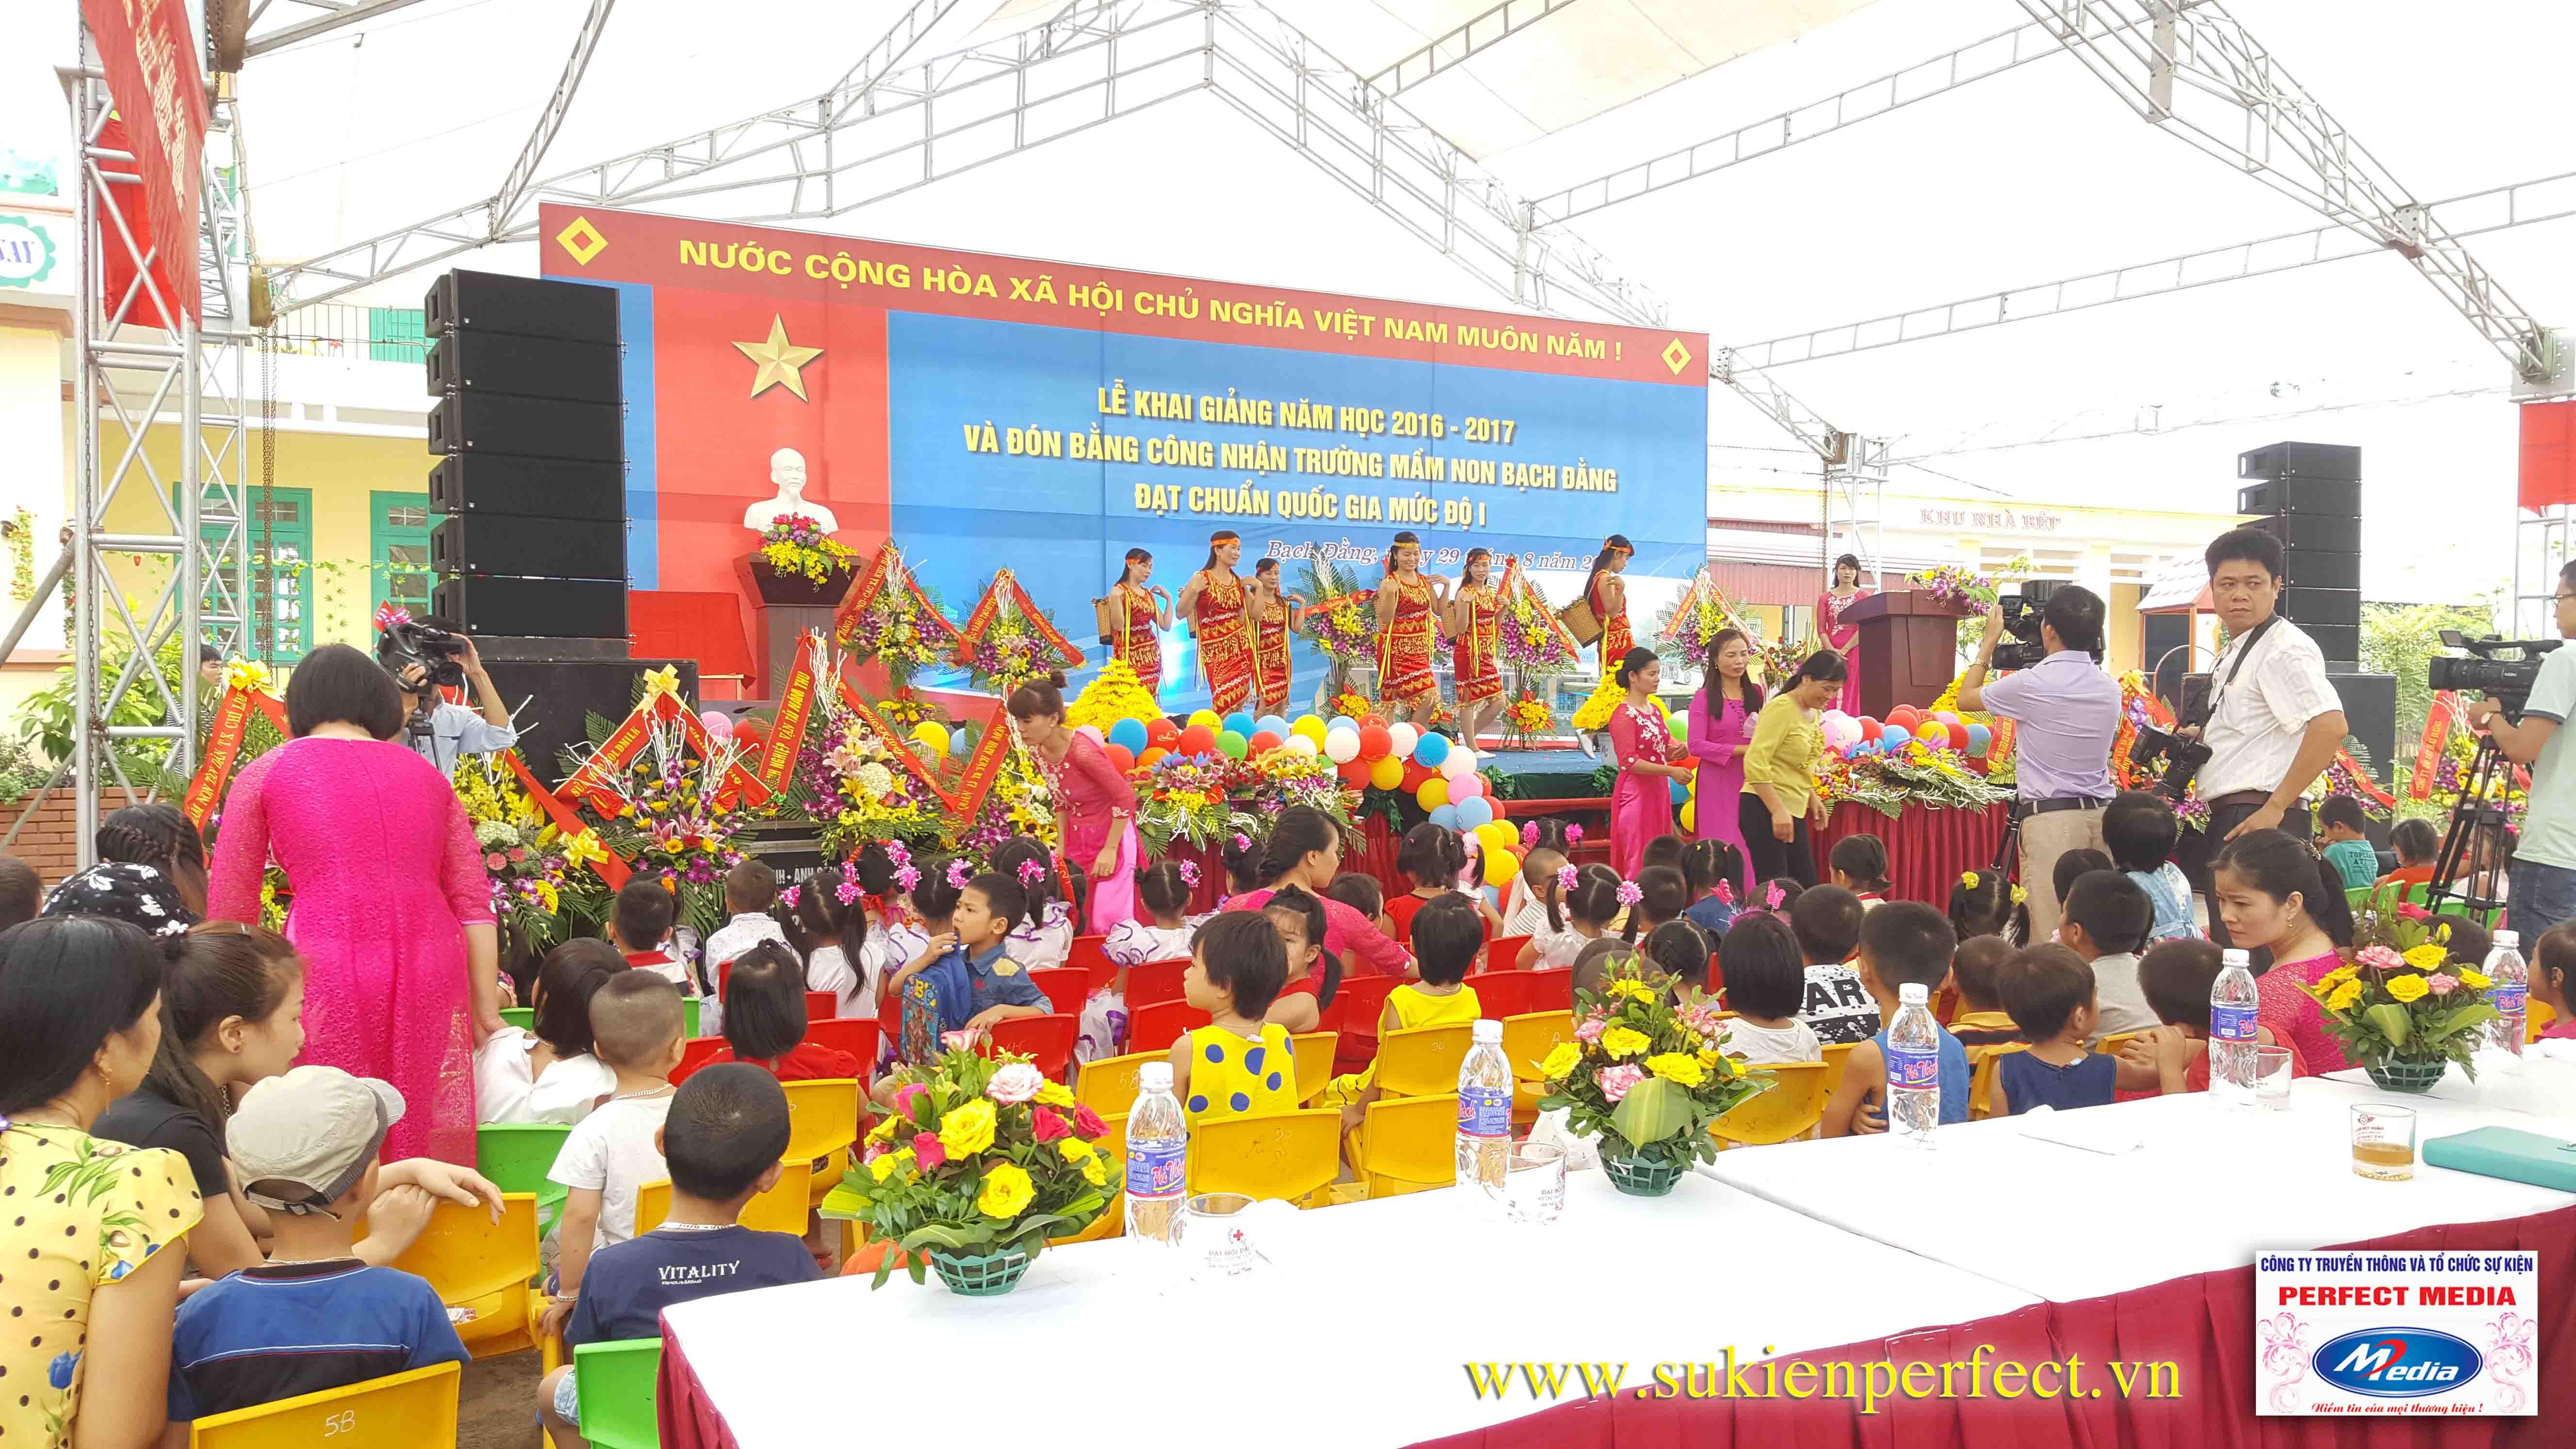 Lễ khai giảng năm học 2016 - 2017 của trường mầm non Bạch Đằng - Kinh Môn 08